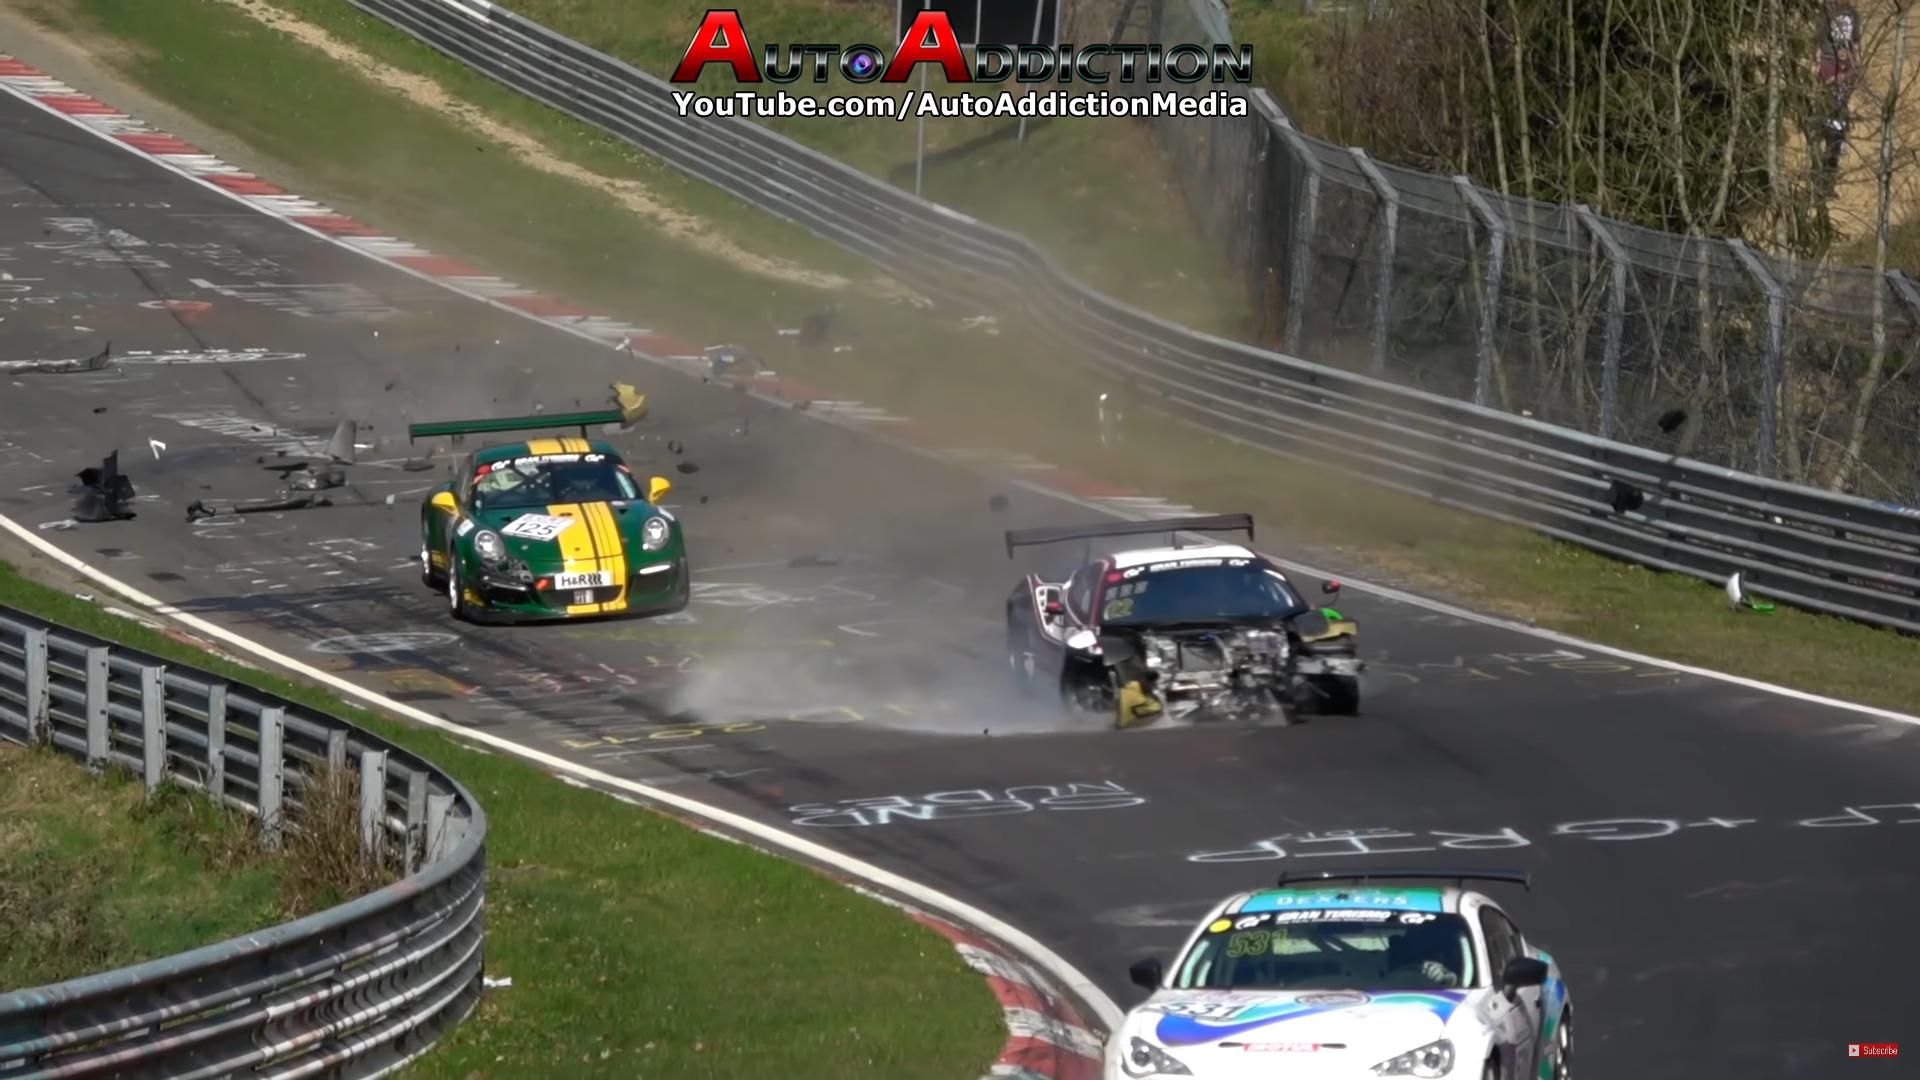 Raceauto crashcompilatie Ferrari zonder voorbumper Nurburgring